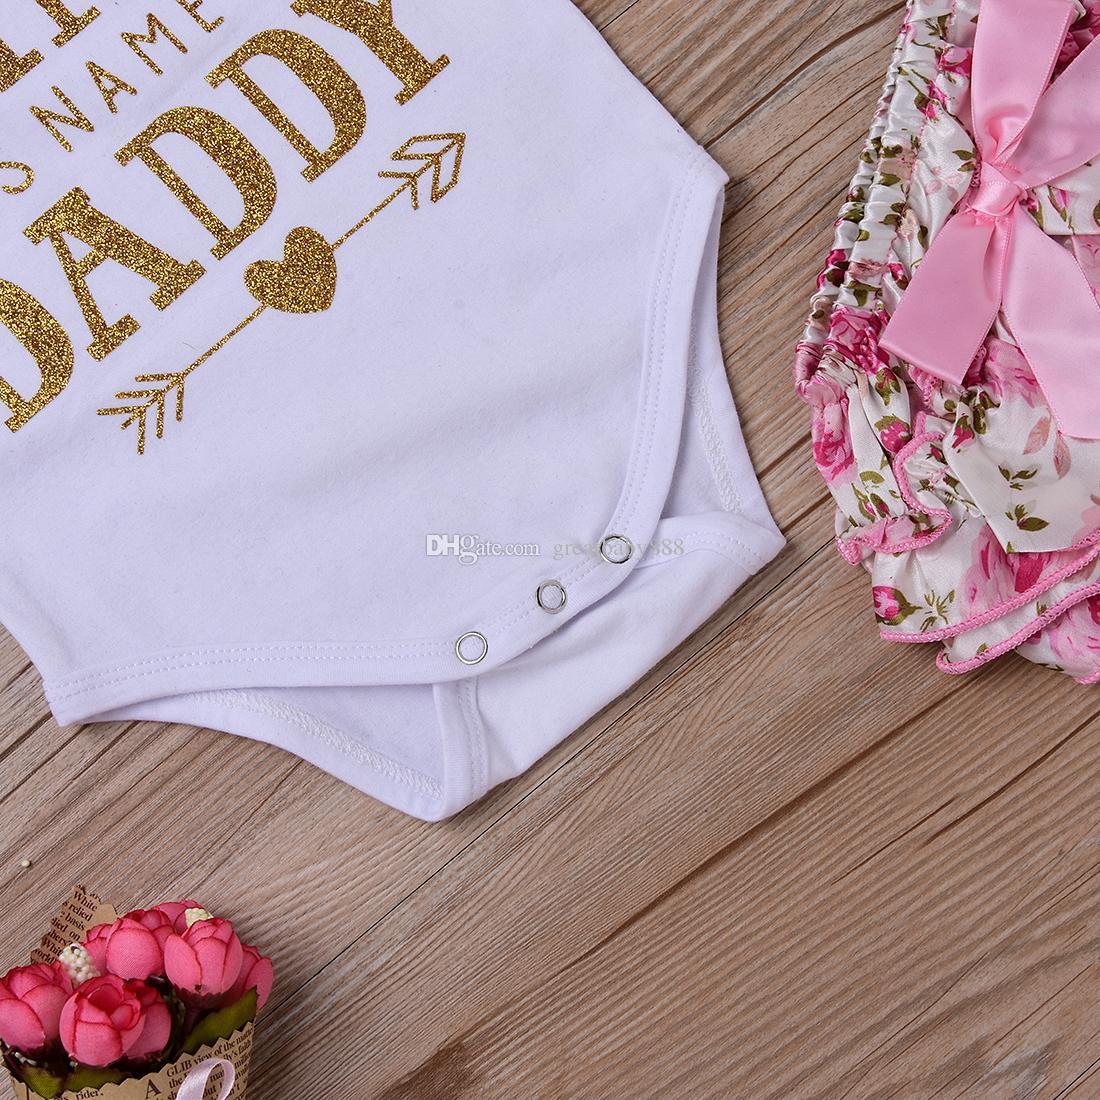 아기 소녀 의류 세트 유아 INs Romper + 꽃 반바지 및 머리띠 레깅스 세트 내 공주님의 이름은 아빠 m3443 K041입니다